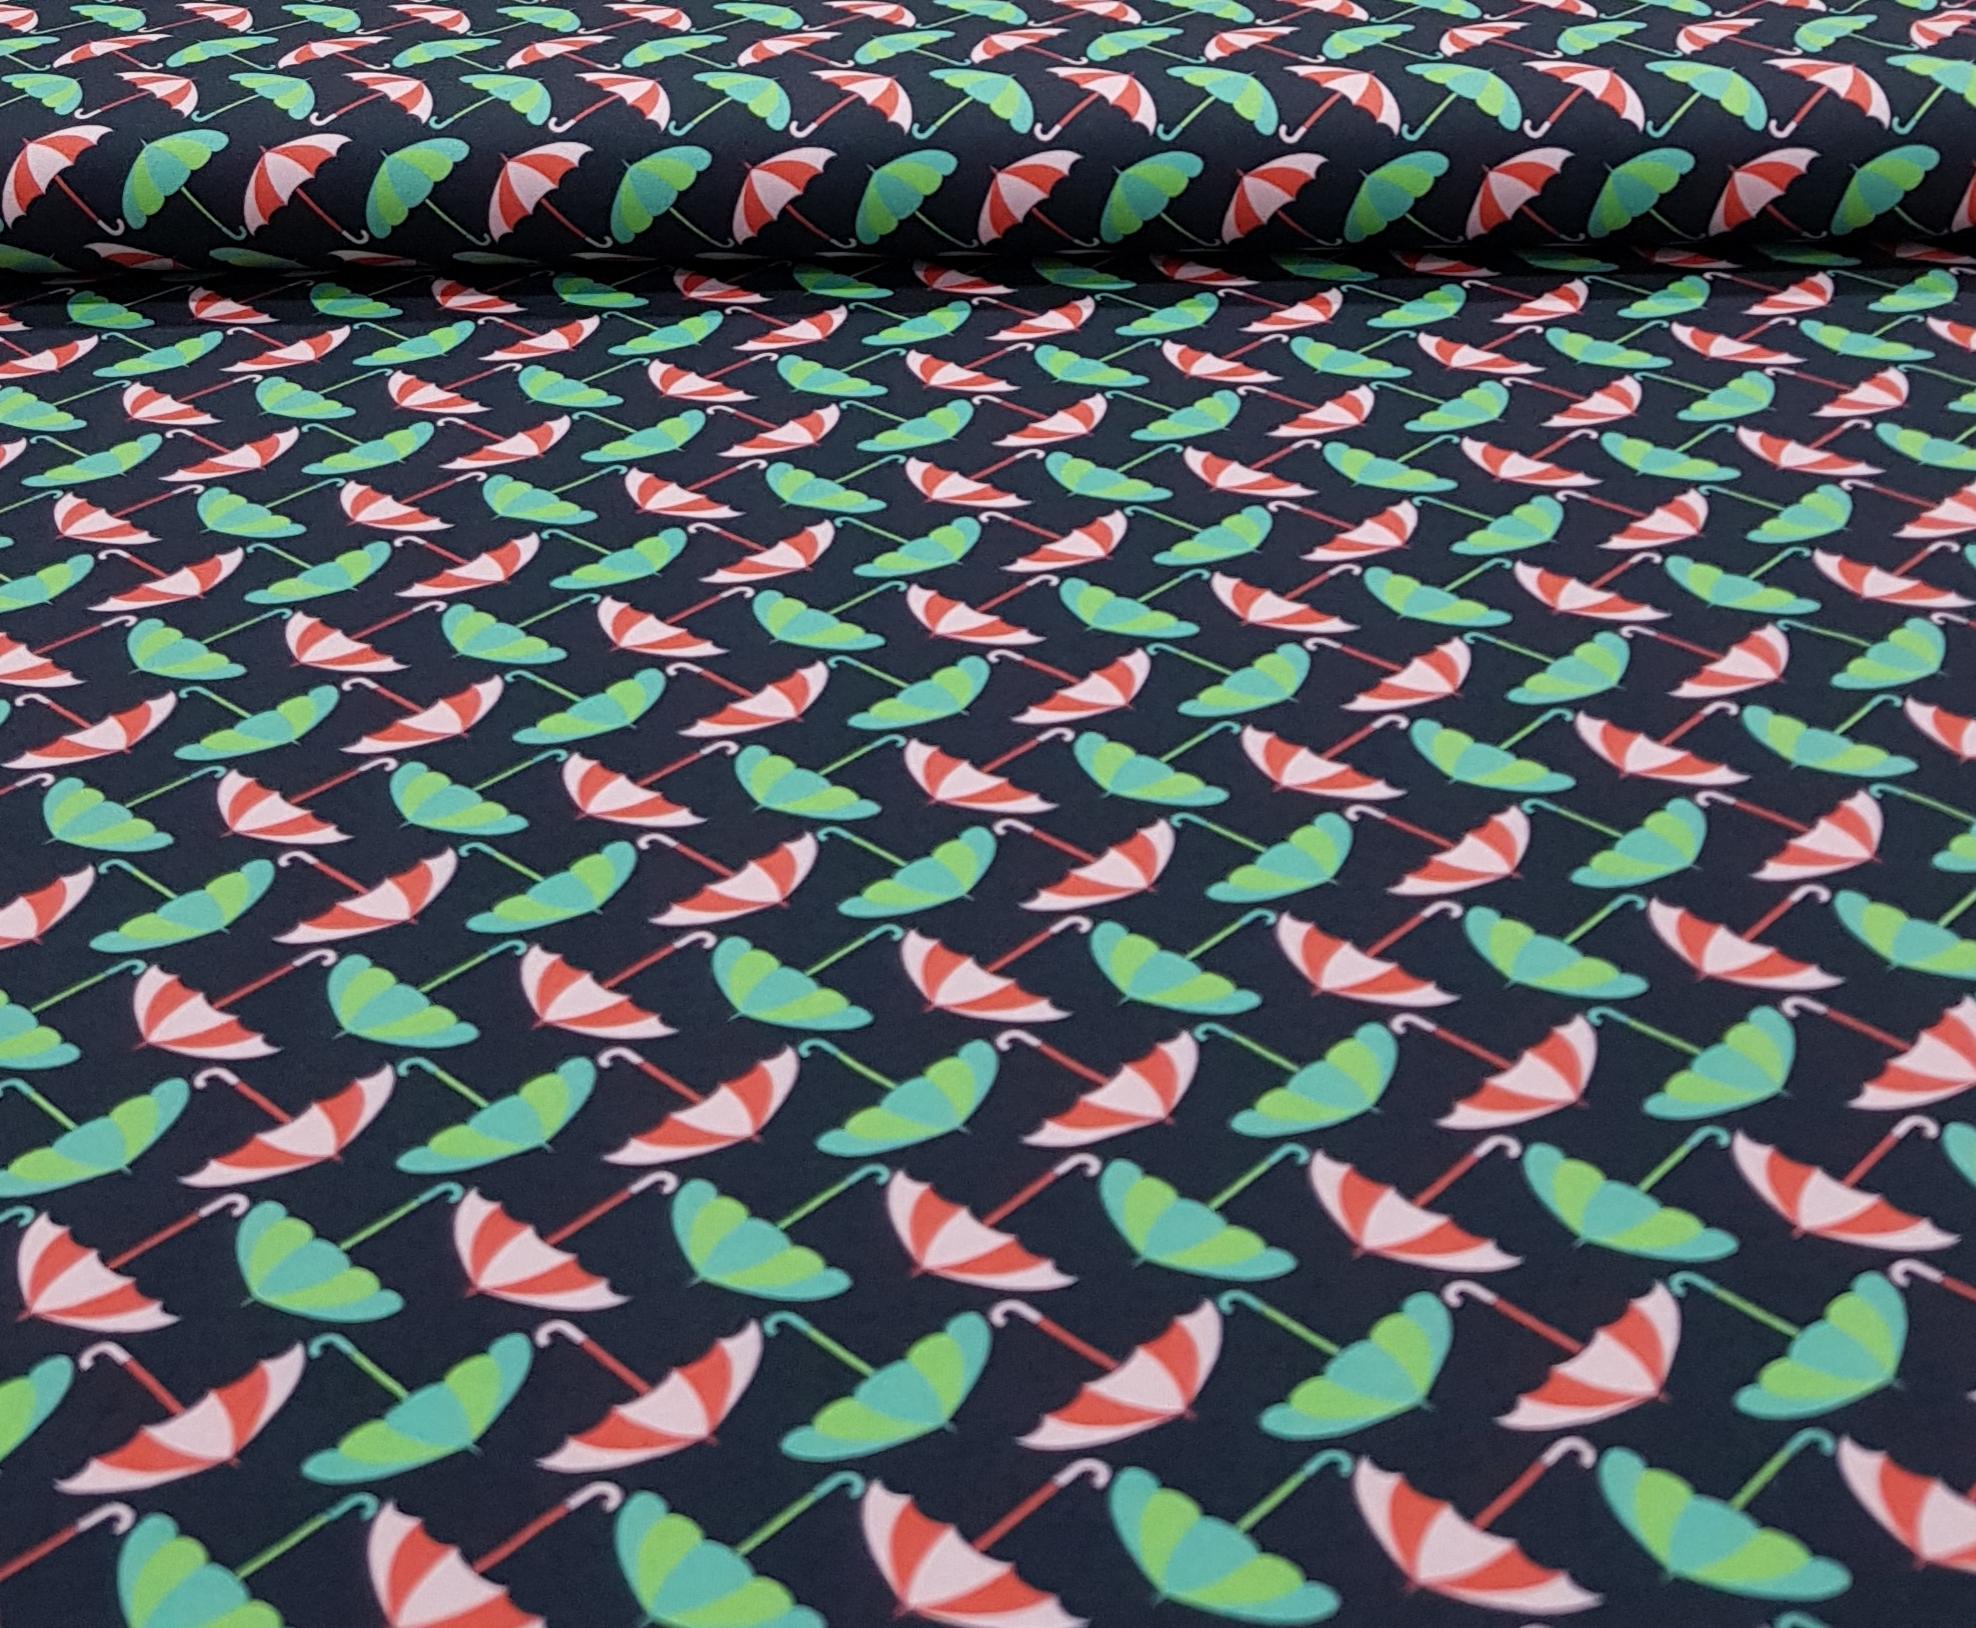 kindertricotgekleurdeparaplublauwgroen